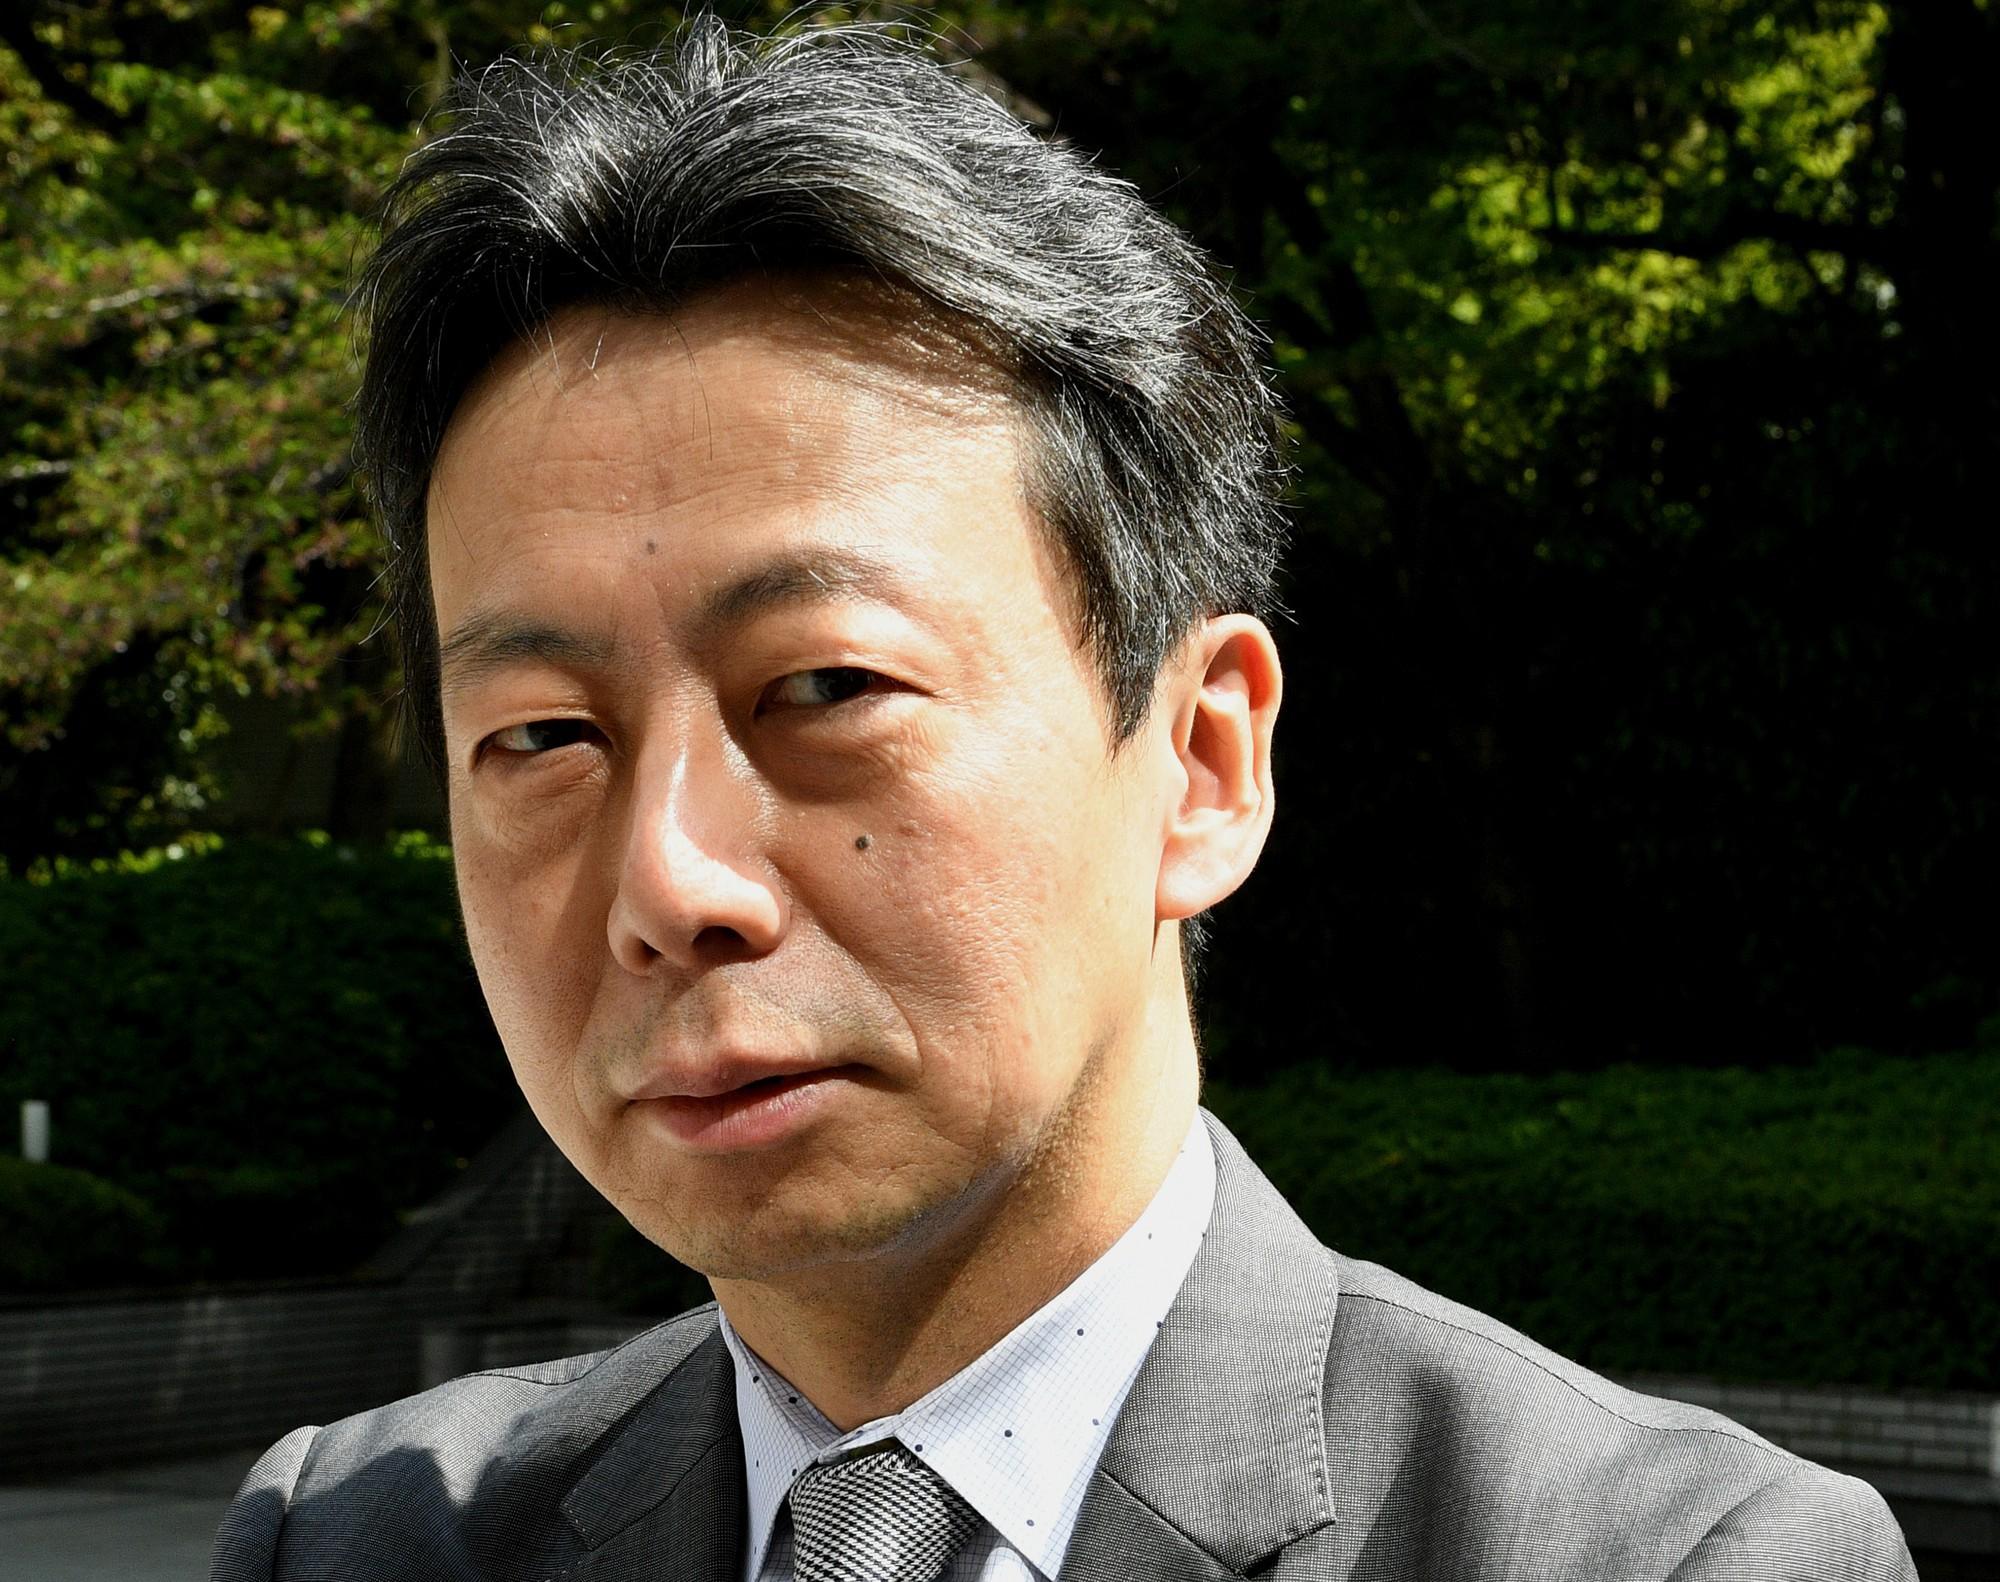 Hikikomori: Trào lưu sống như ẩn sĩ của người Nhật và câu chuyện ít ai biết về những người đứng bên lề xã hội - Ảnh 1.